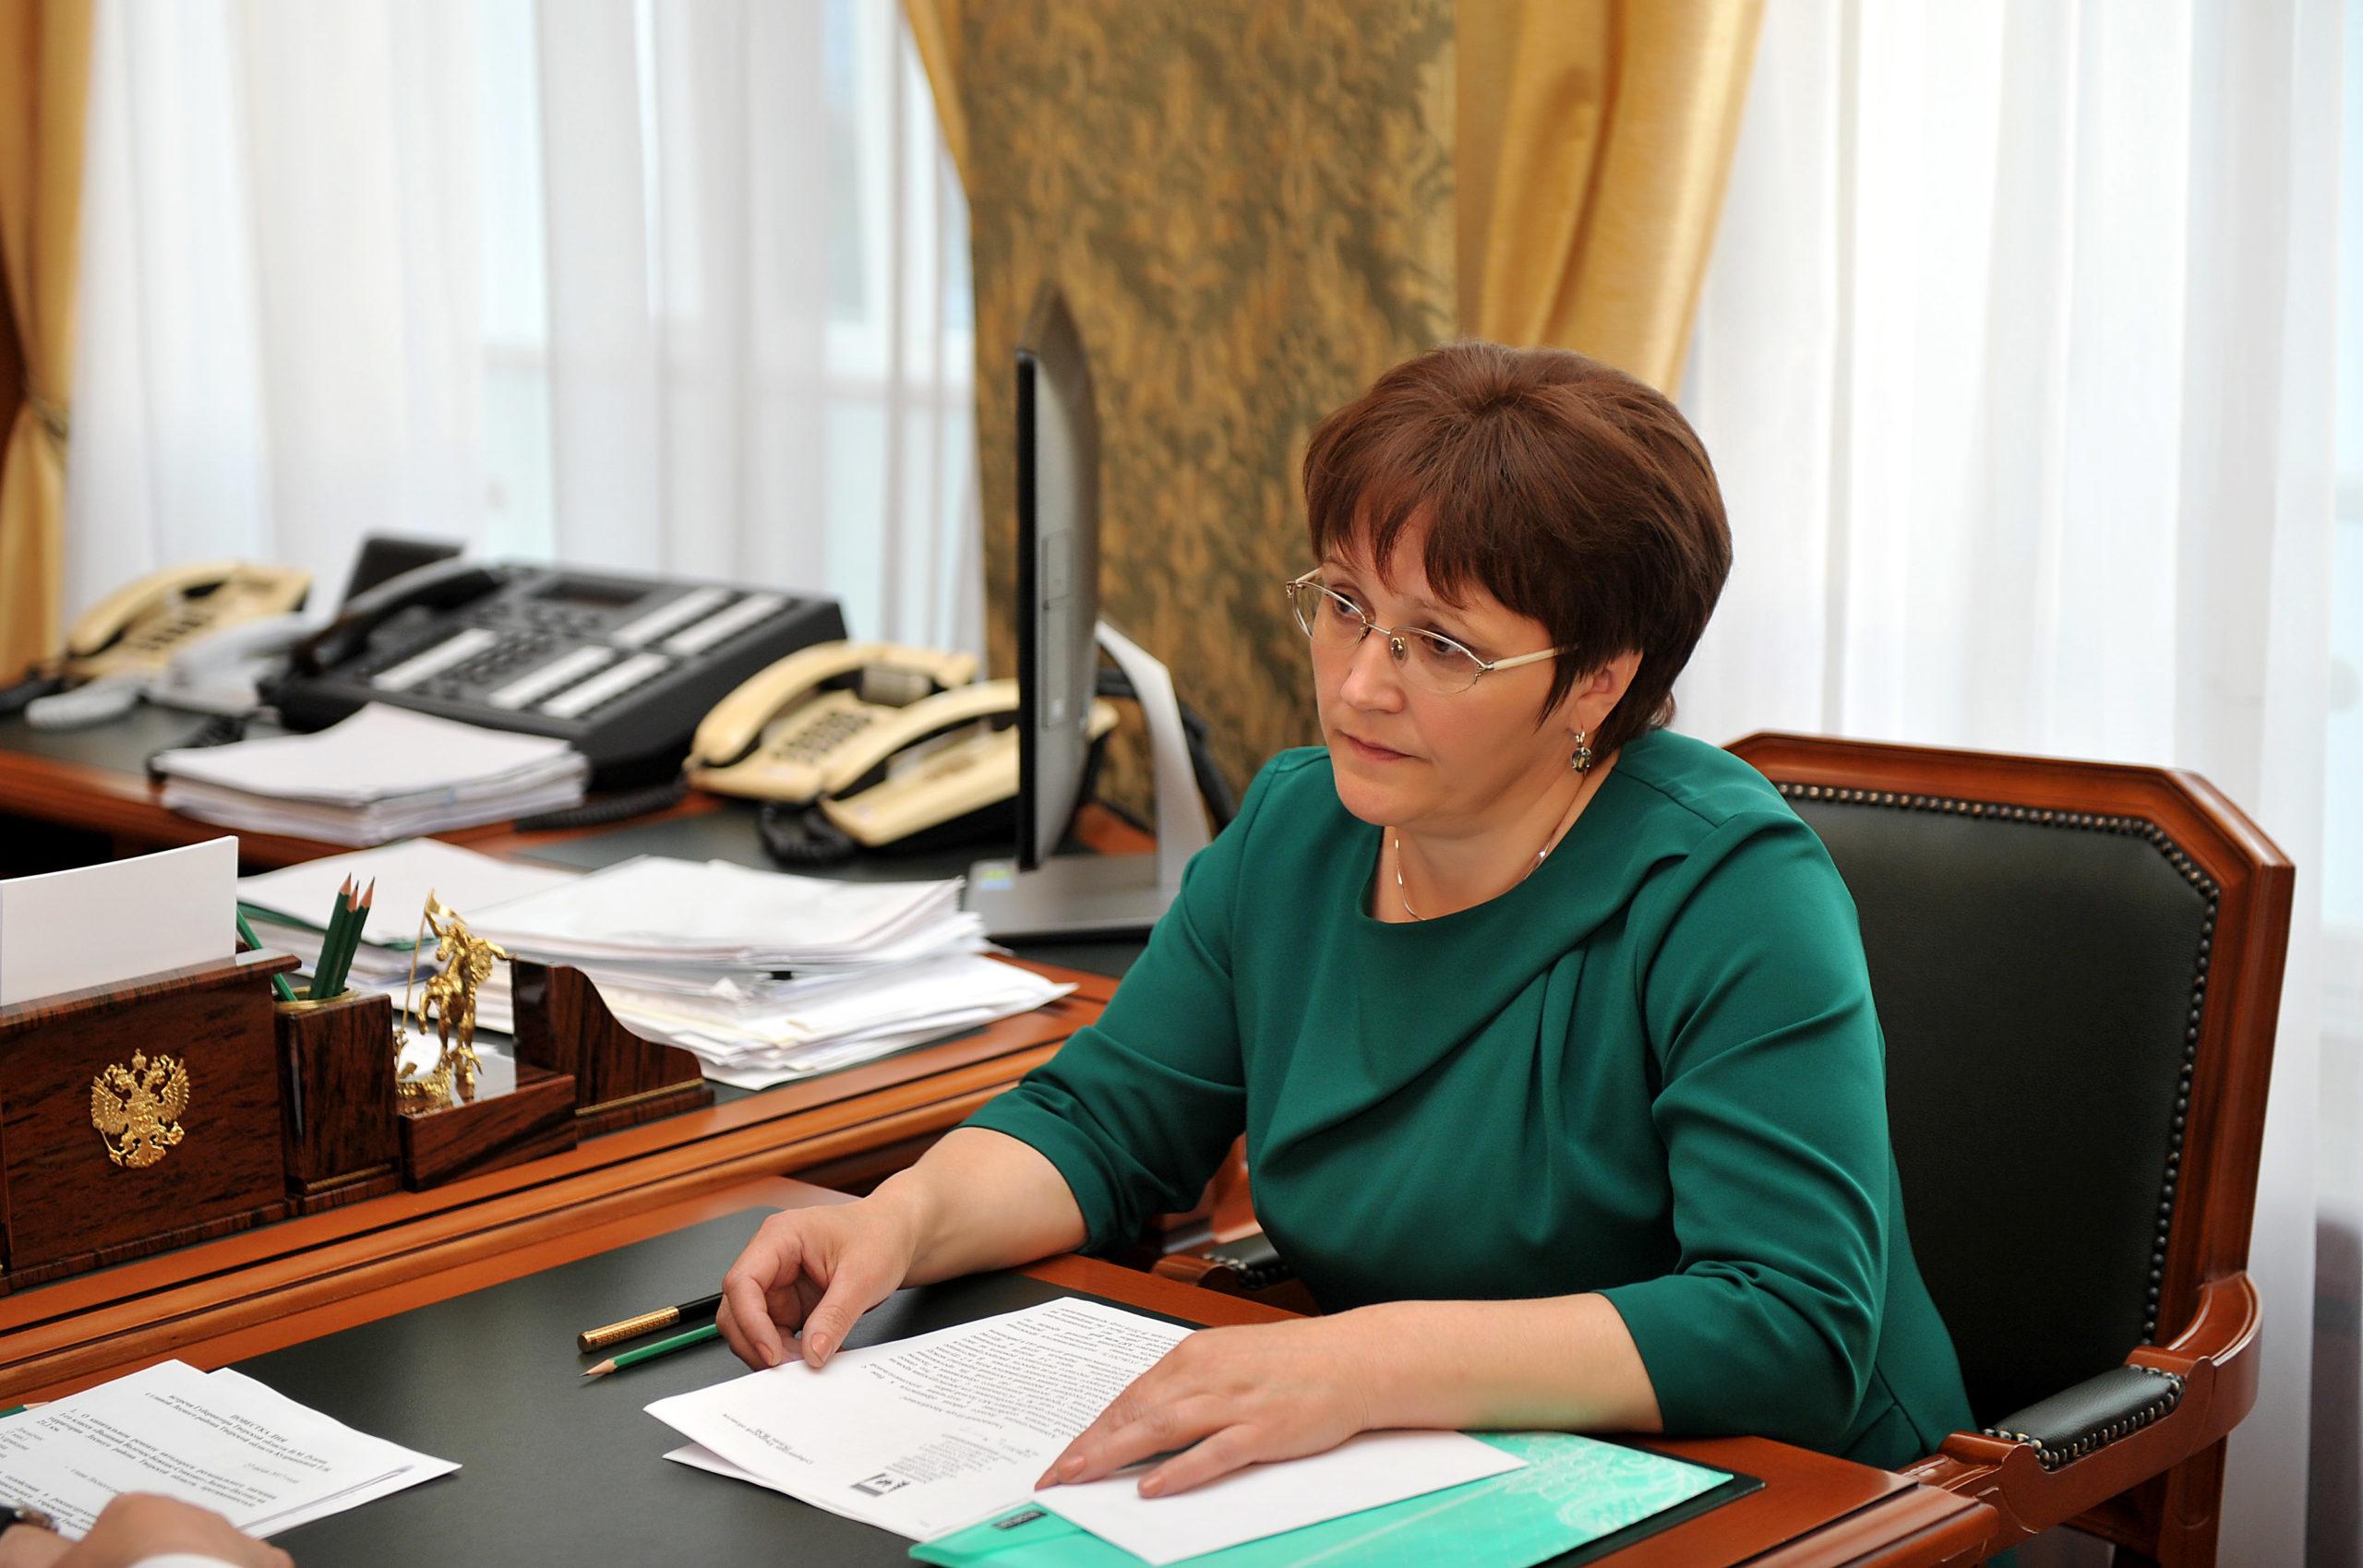 Татьяна Кудрявцева: Хорошо, что ЖКХ постепенно снимают с коммерческих рельсов